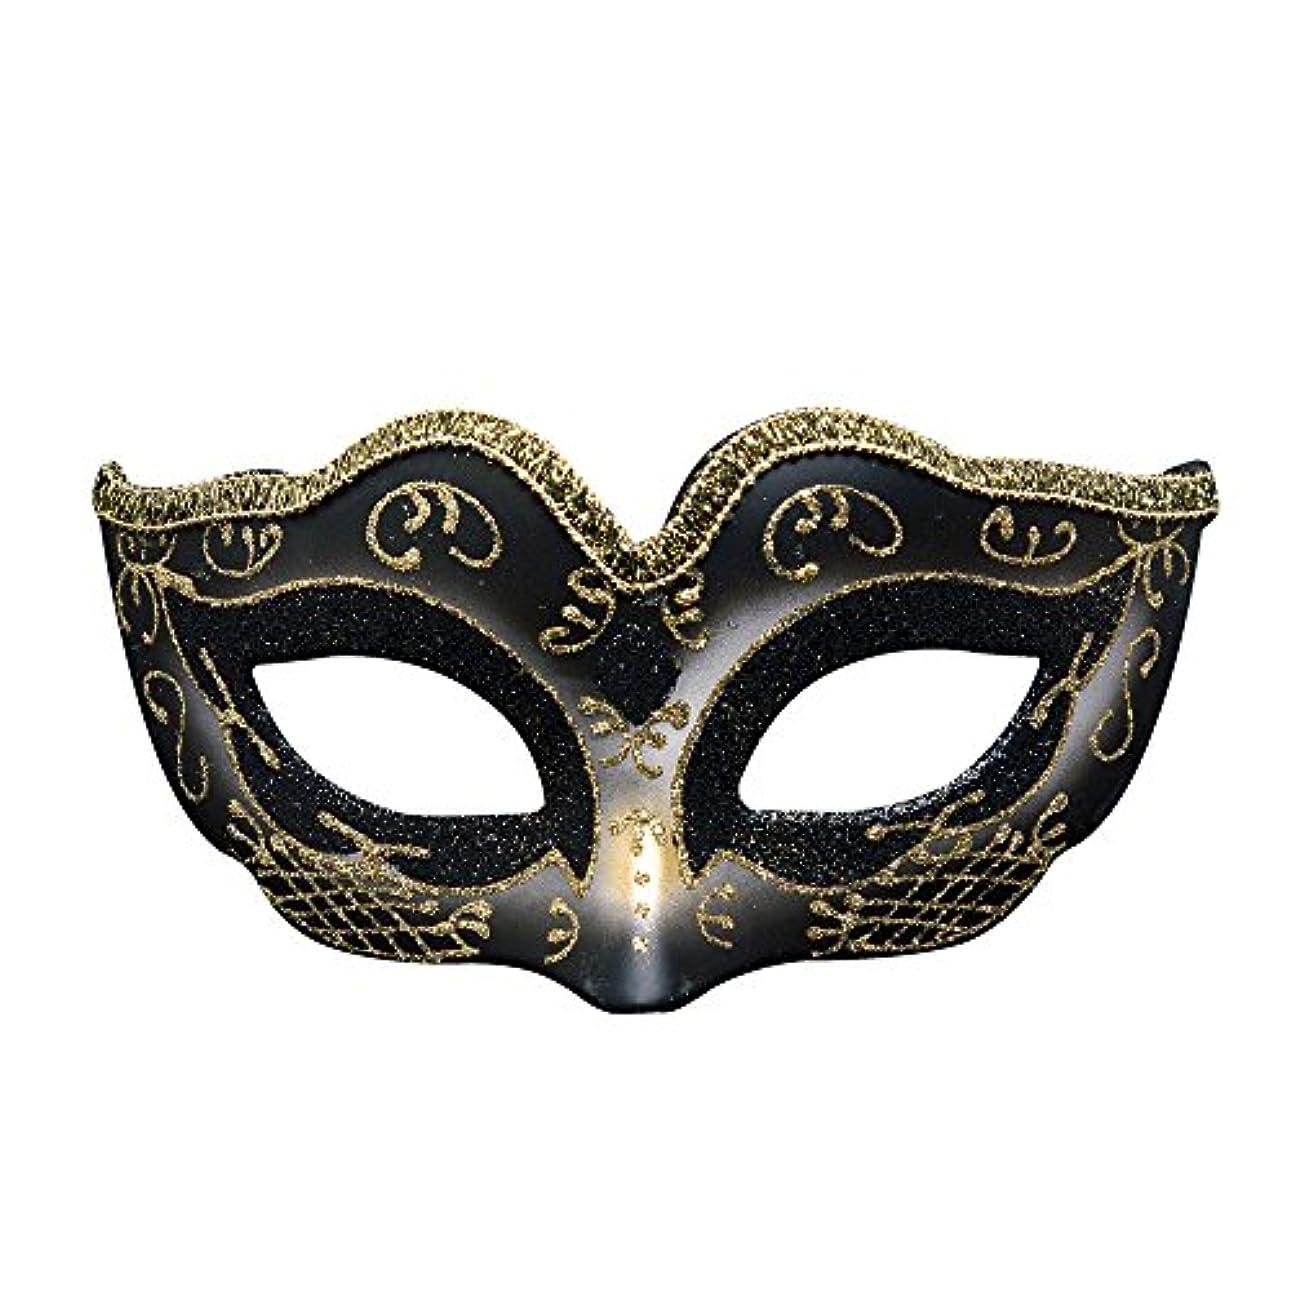 阻害する抵抗する契約クリエイティブキッズマスカレードパーティーハロウィンマスククリスマス雰囲気マスク (Color : #5)